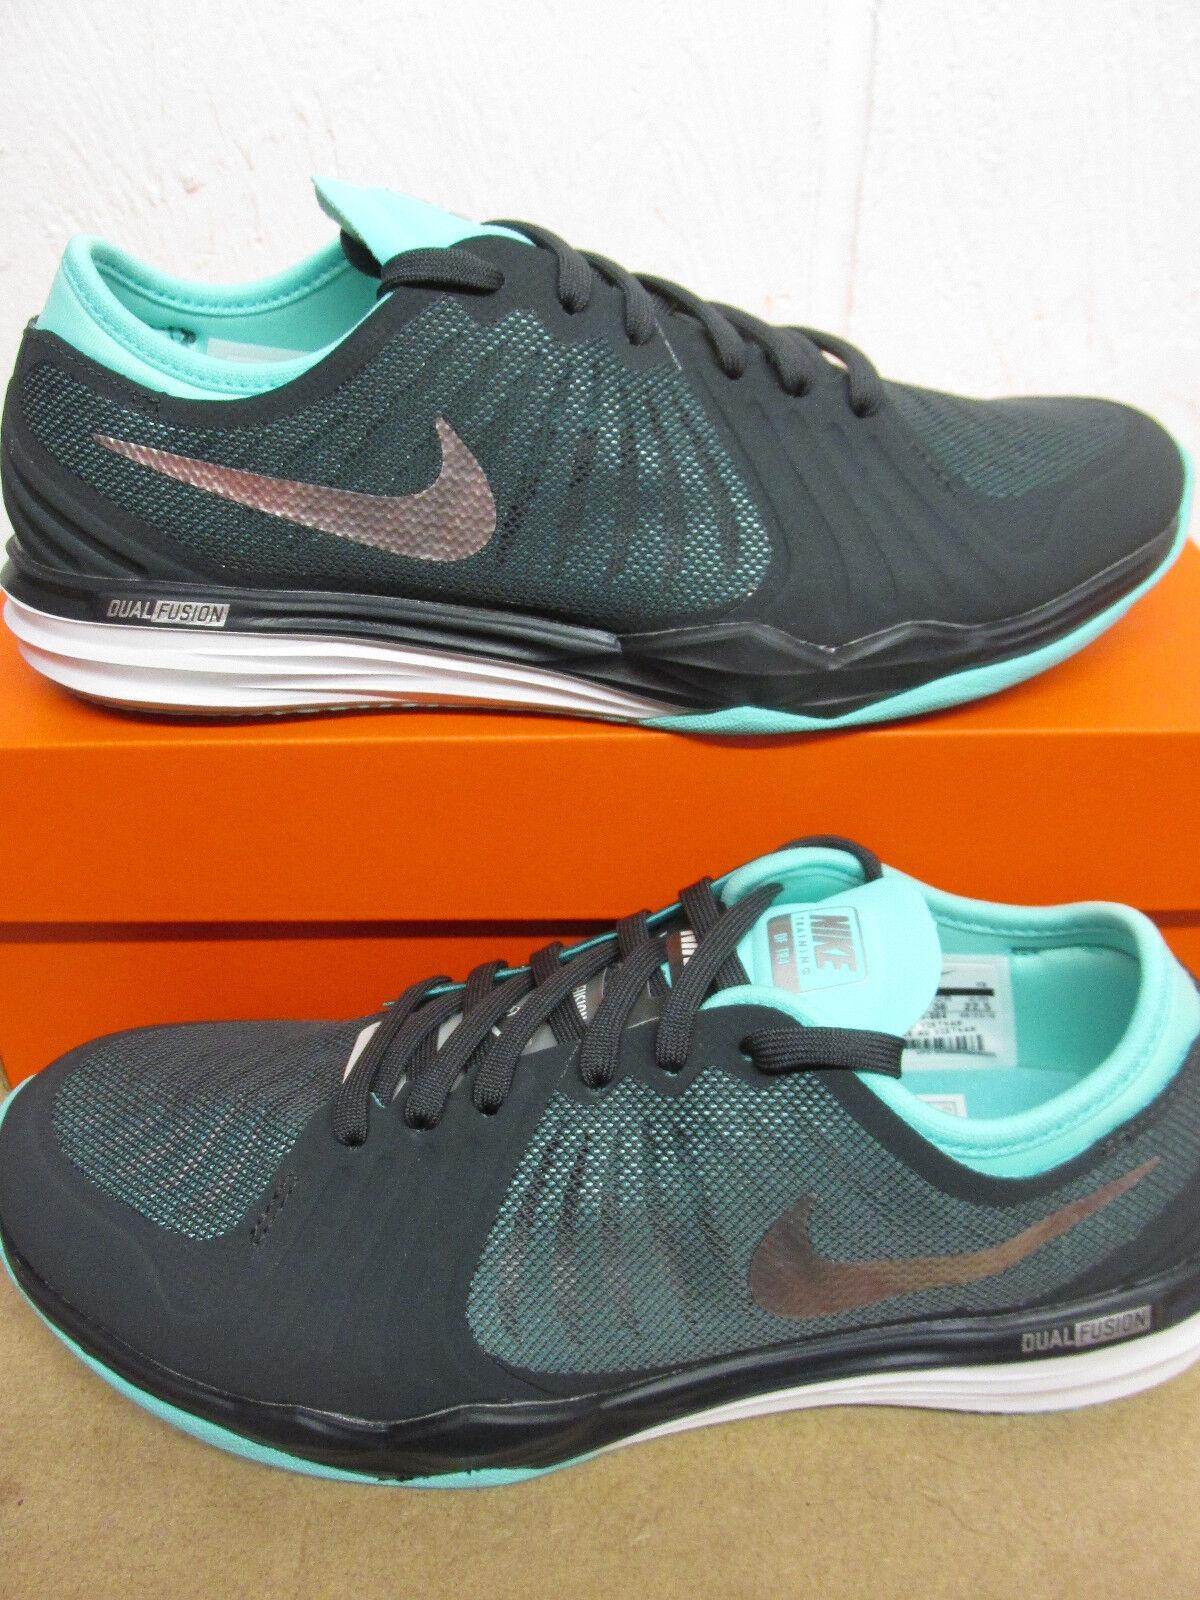 Nike Donna Dual Fusion Corsa Tr 4 Scarpe da Corsa Fusion 819021 004 Scarpe da Tennis 0ead7f